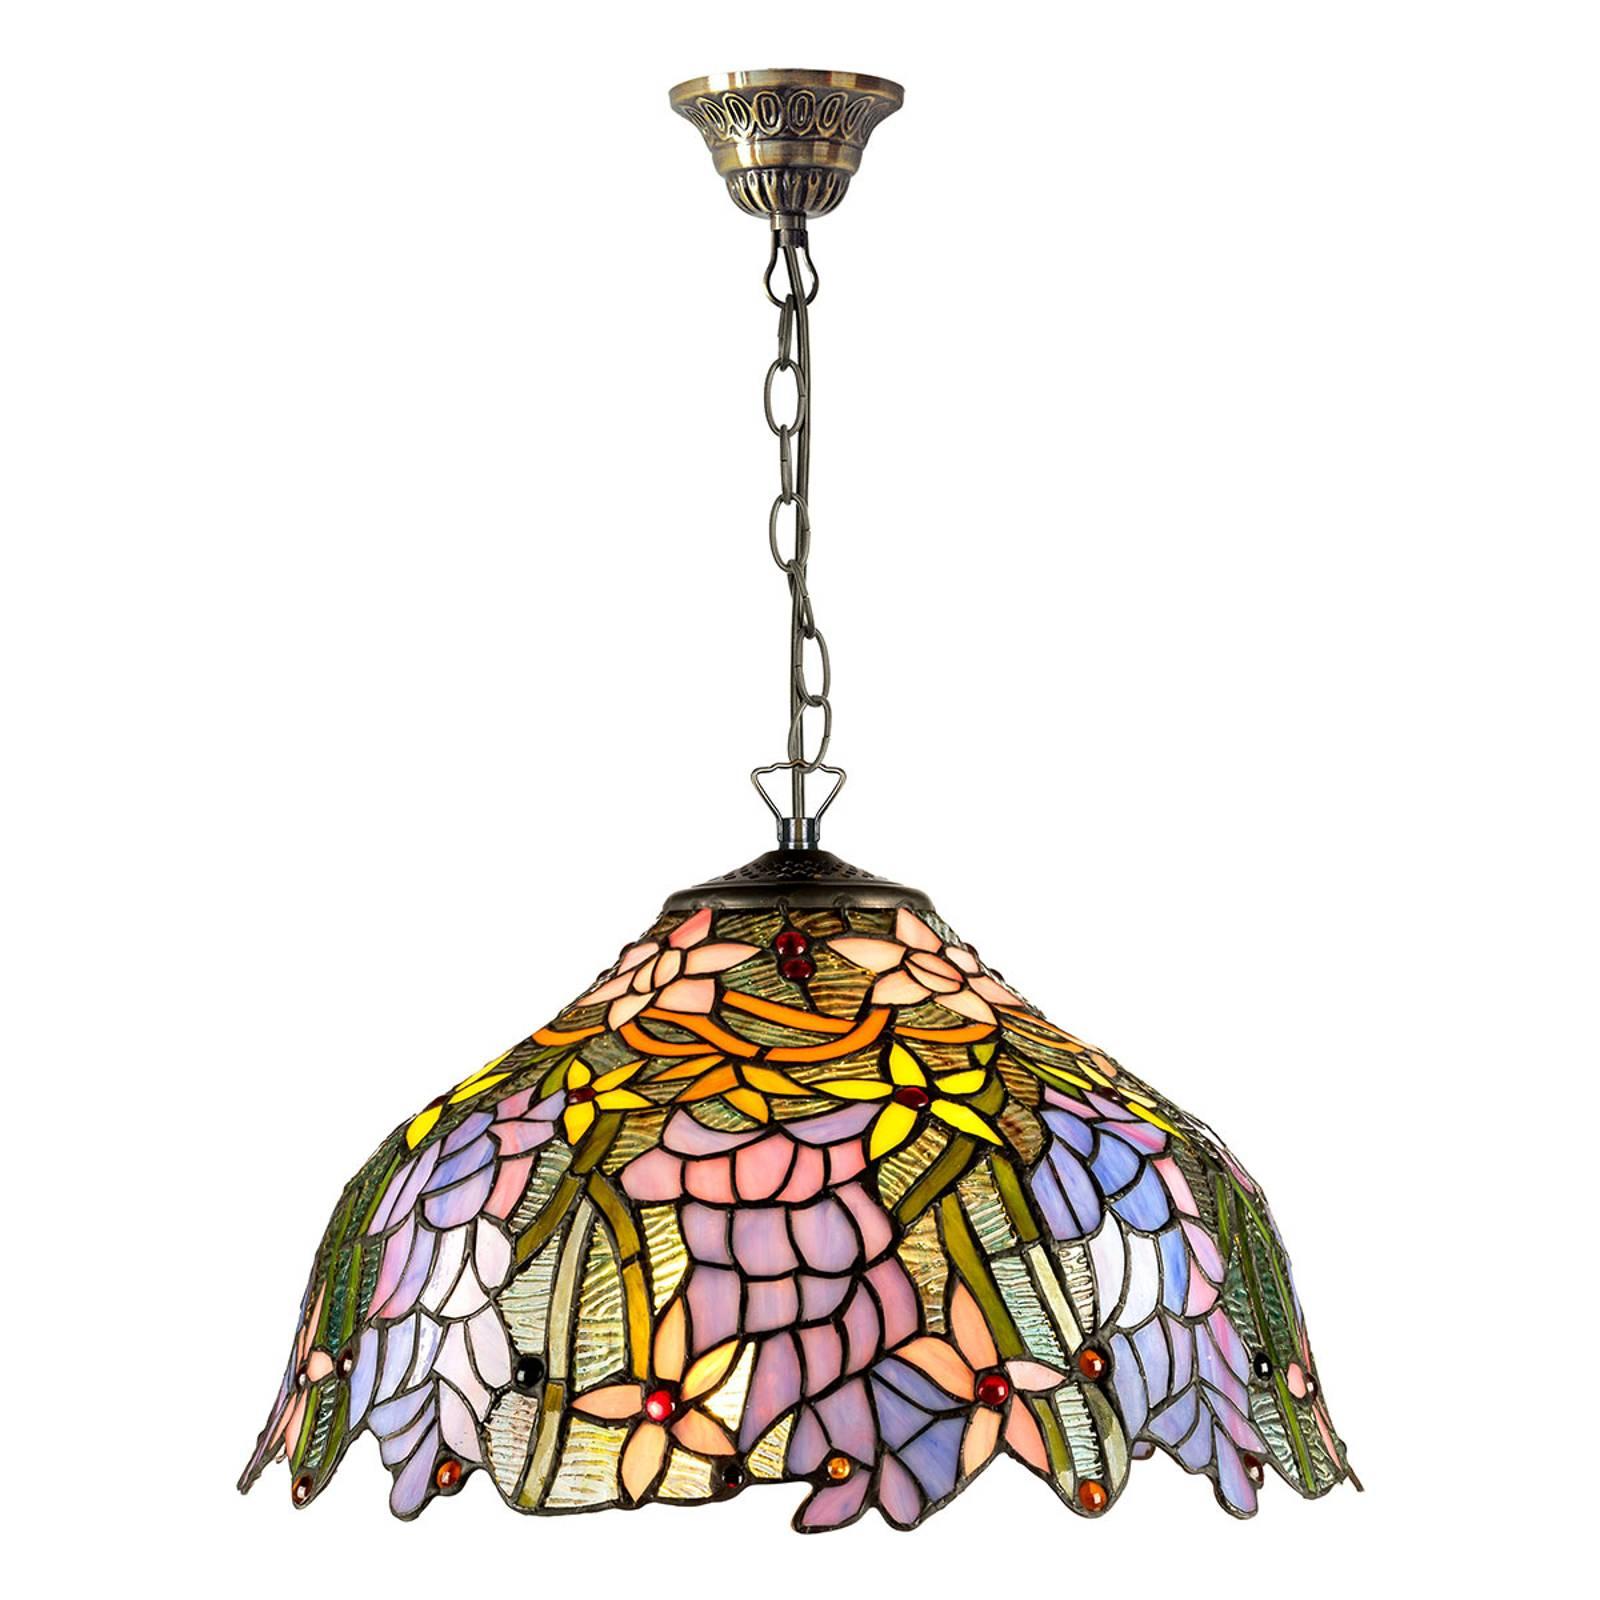 Hanglamp KT1082+C2 in Tiffany stijl